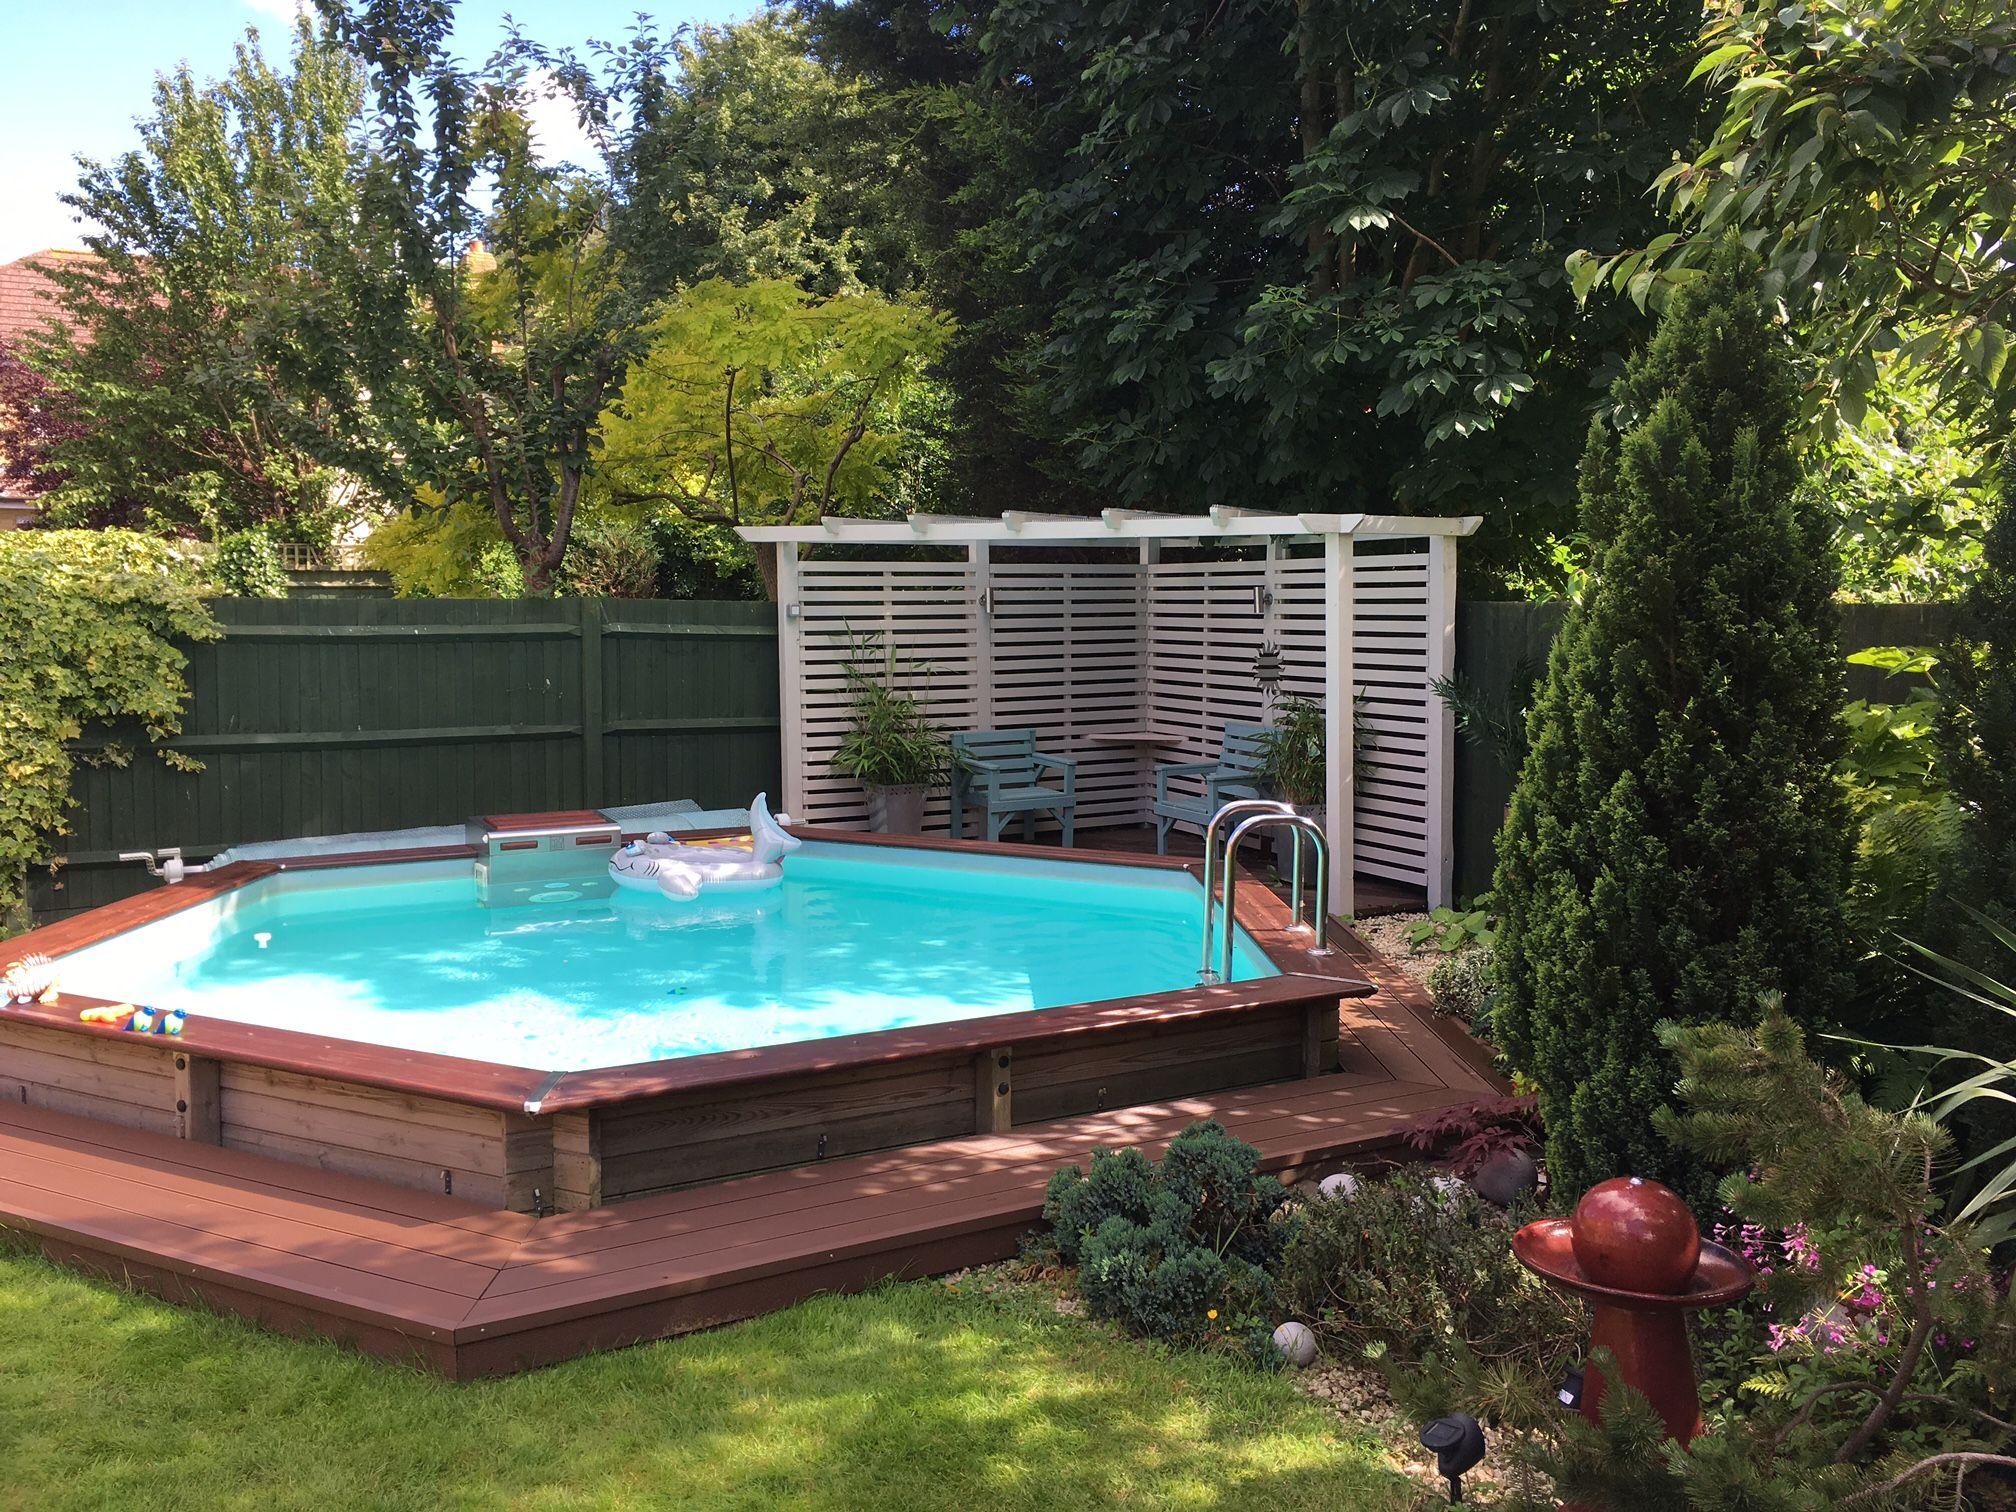 cette piscine piscinelle octogonale est un vrai espace de loisirs pour les enfants house. Black Bedroom Furniture Sets. Home Design Ideas